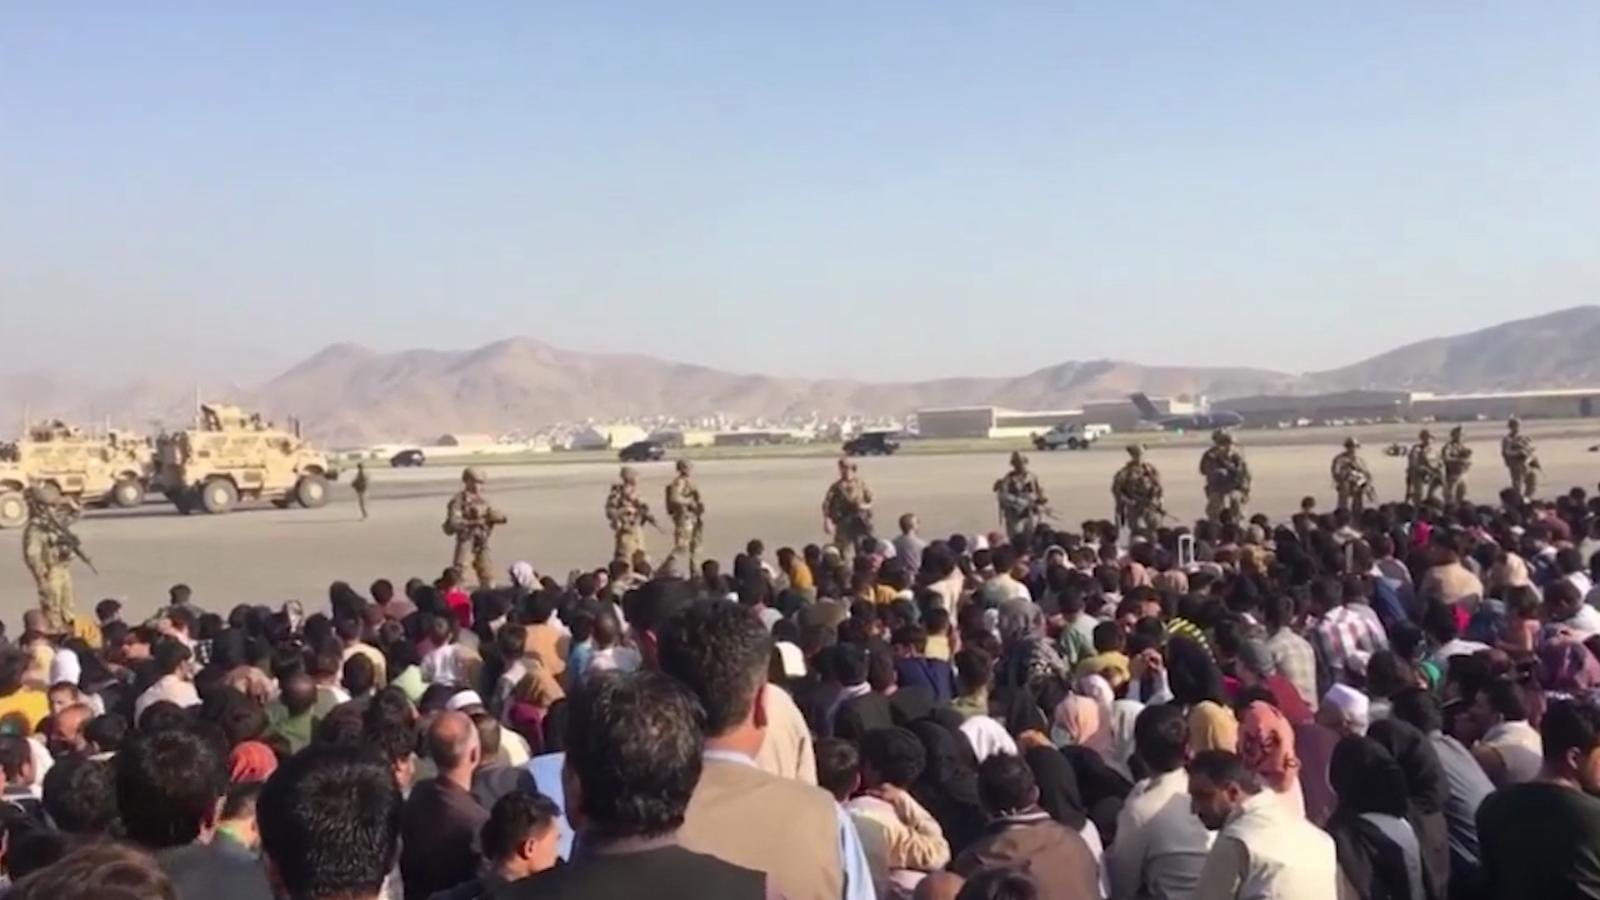 El declive de EE UU como superpotencia en Afganistán proyecta sombras sobre  Oriente Próximo - Noticiero.lat